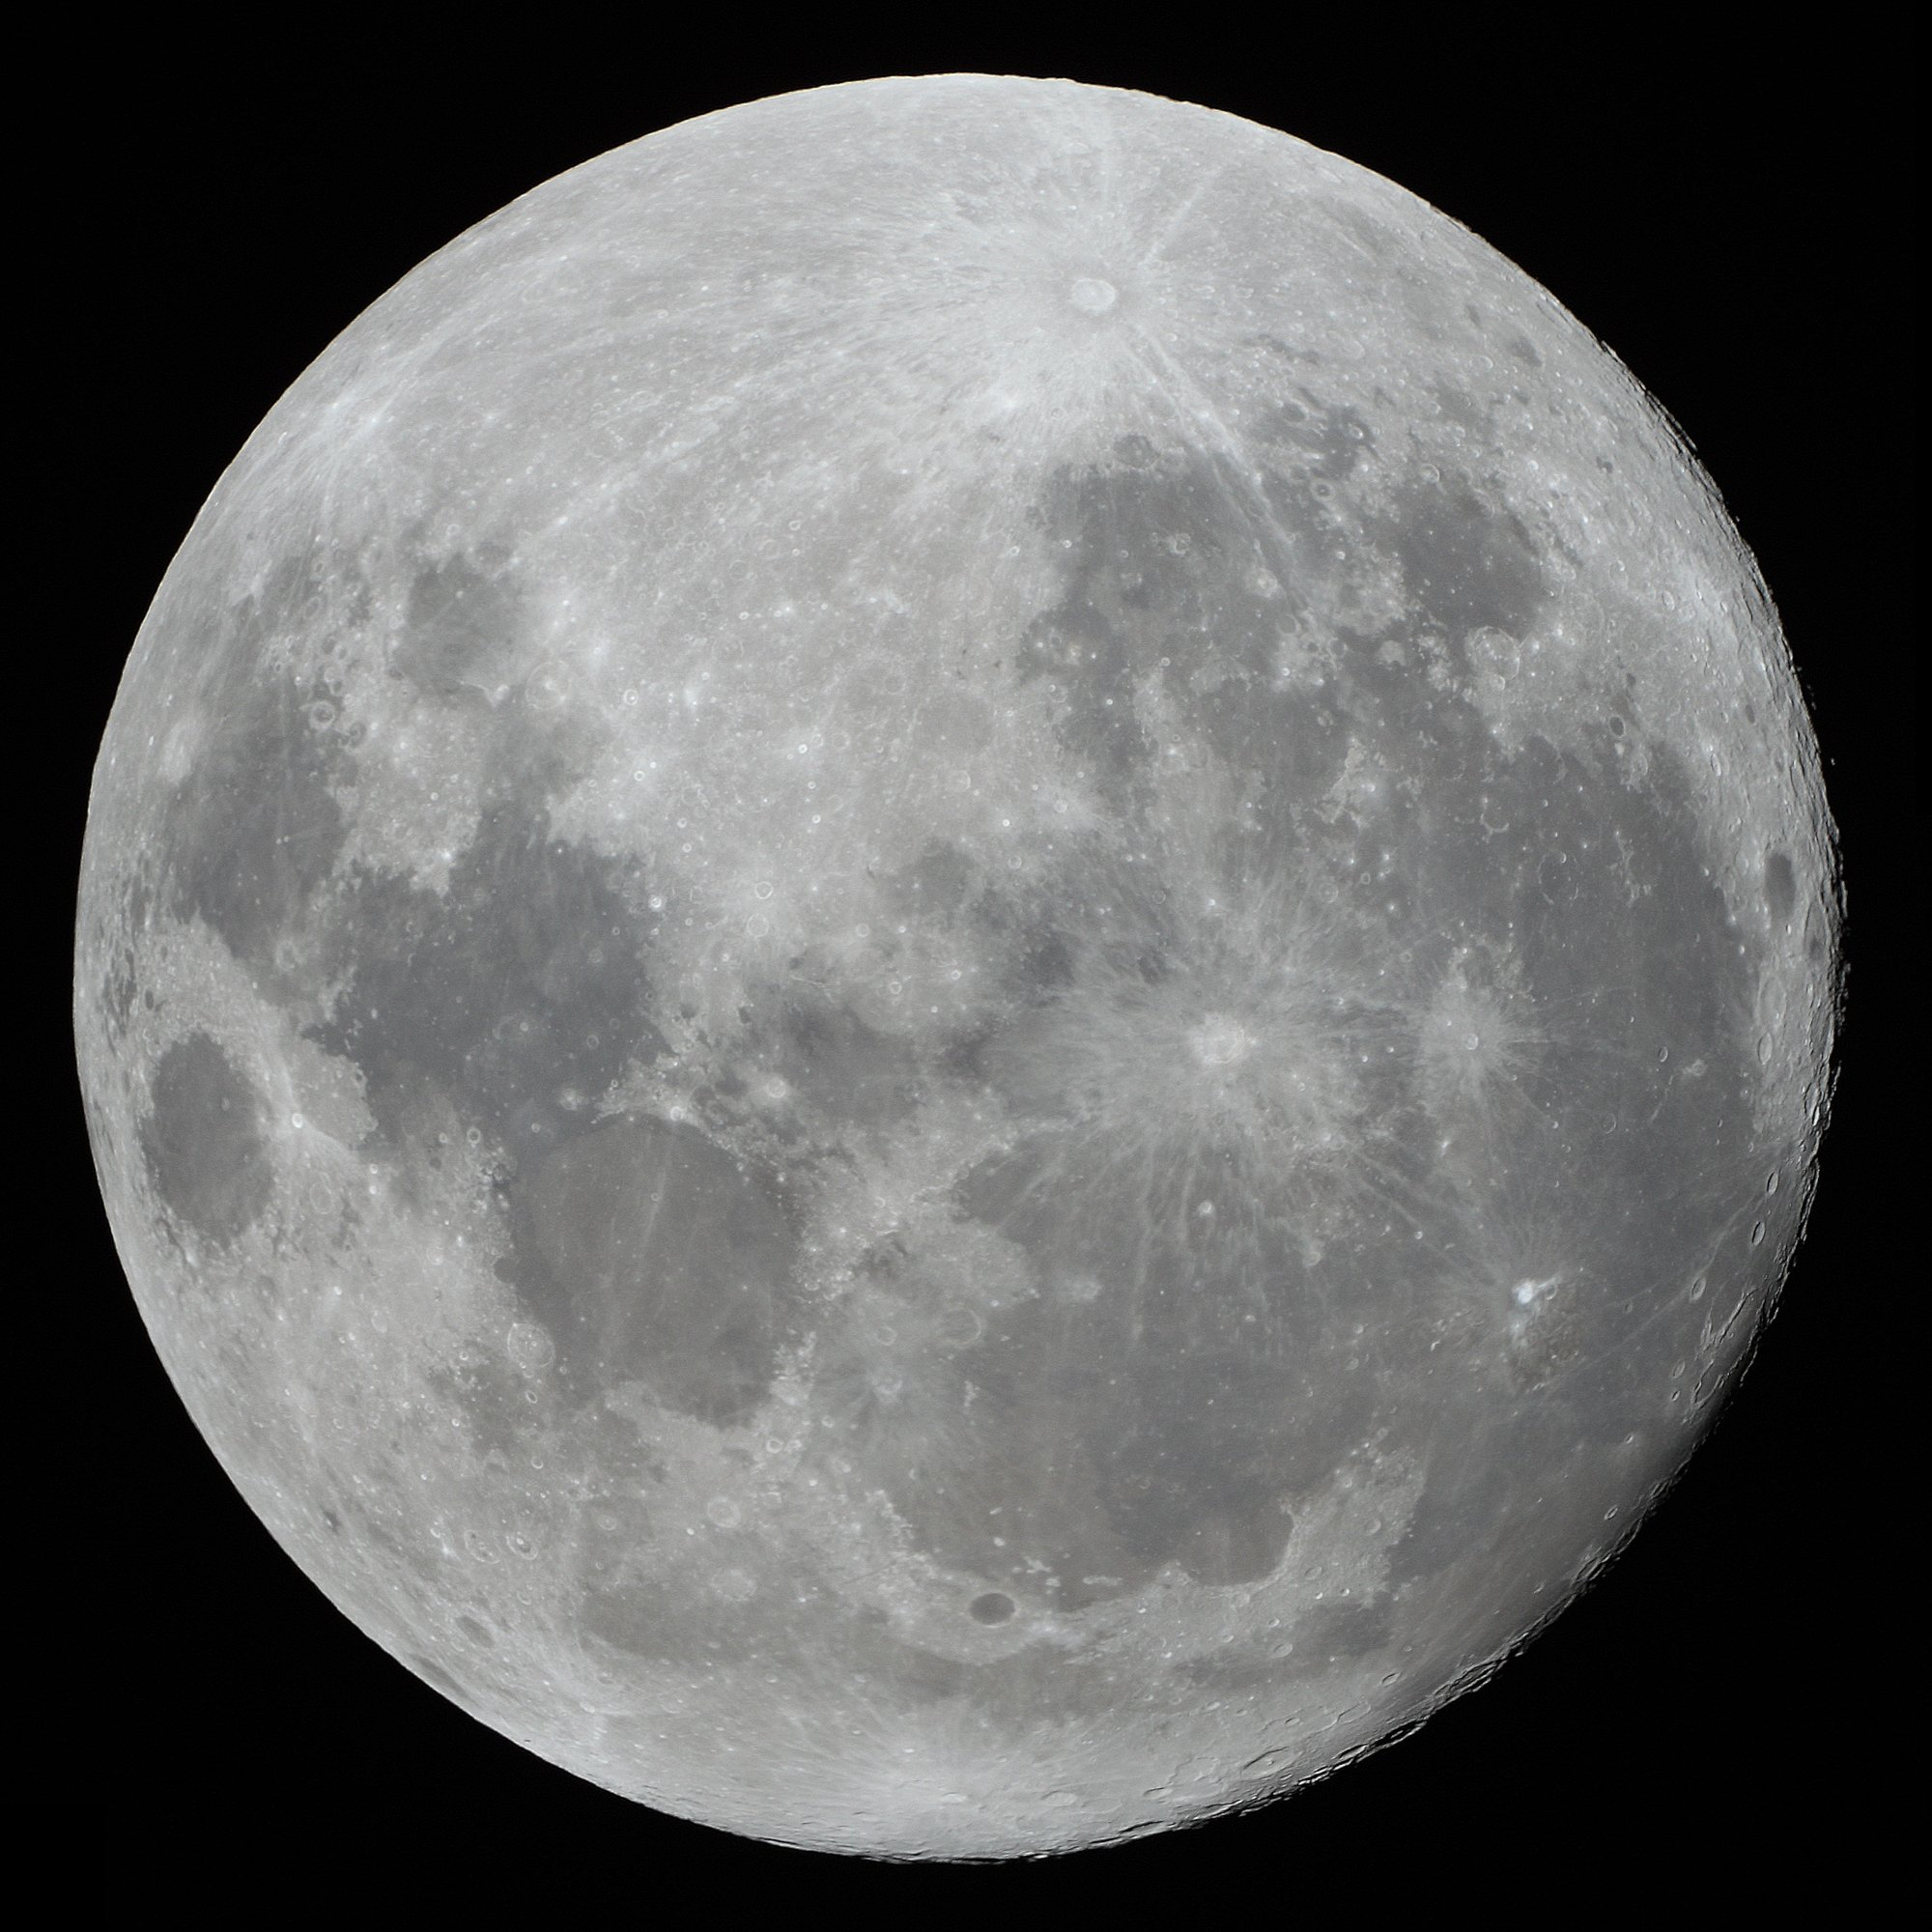 La Luna llena desde Japón